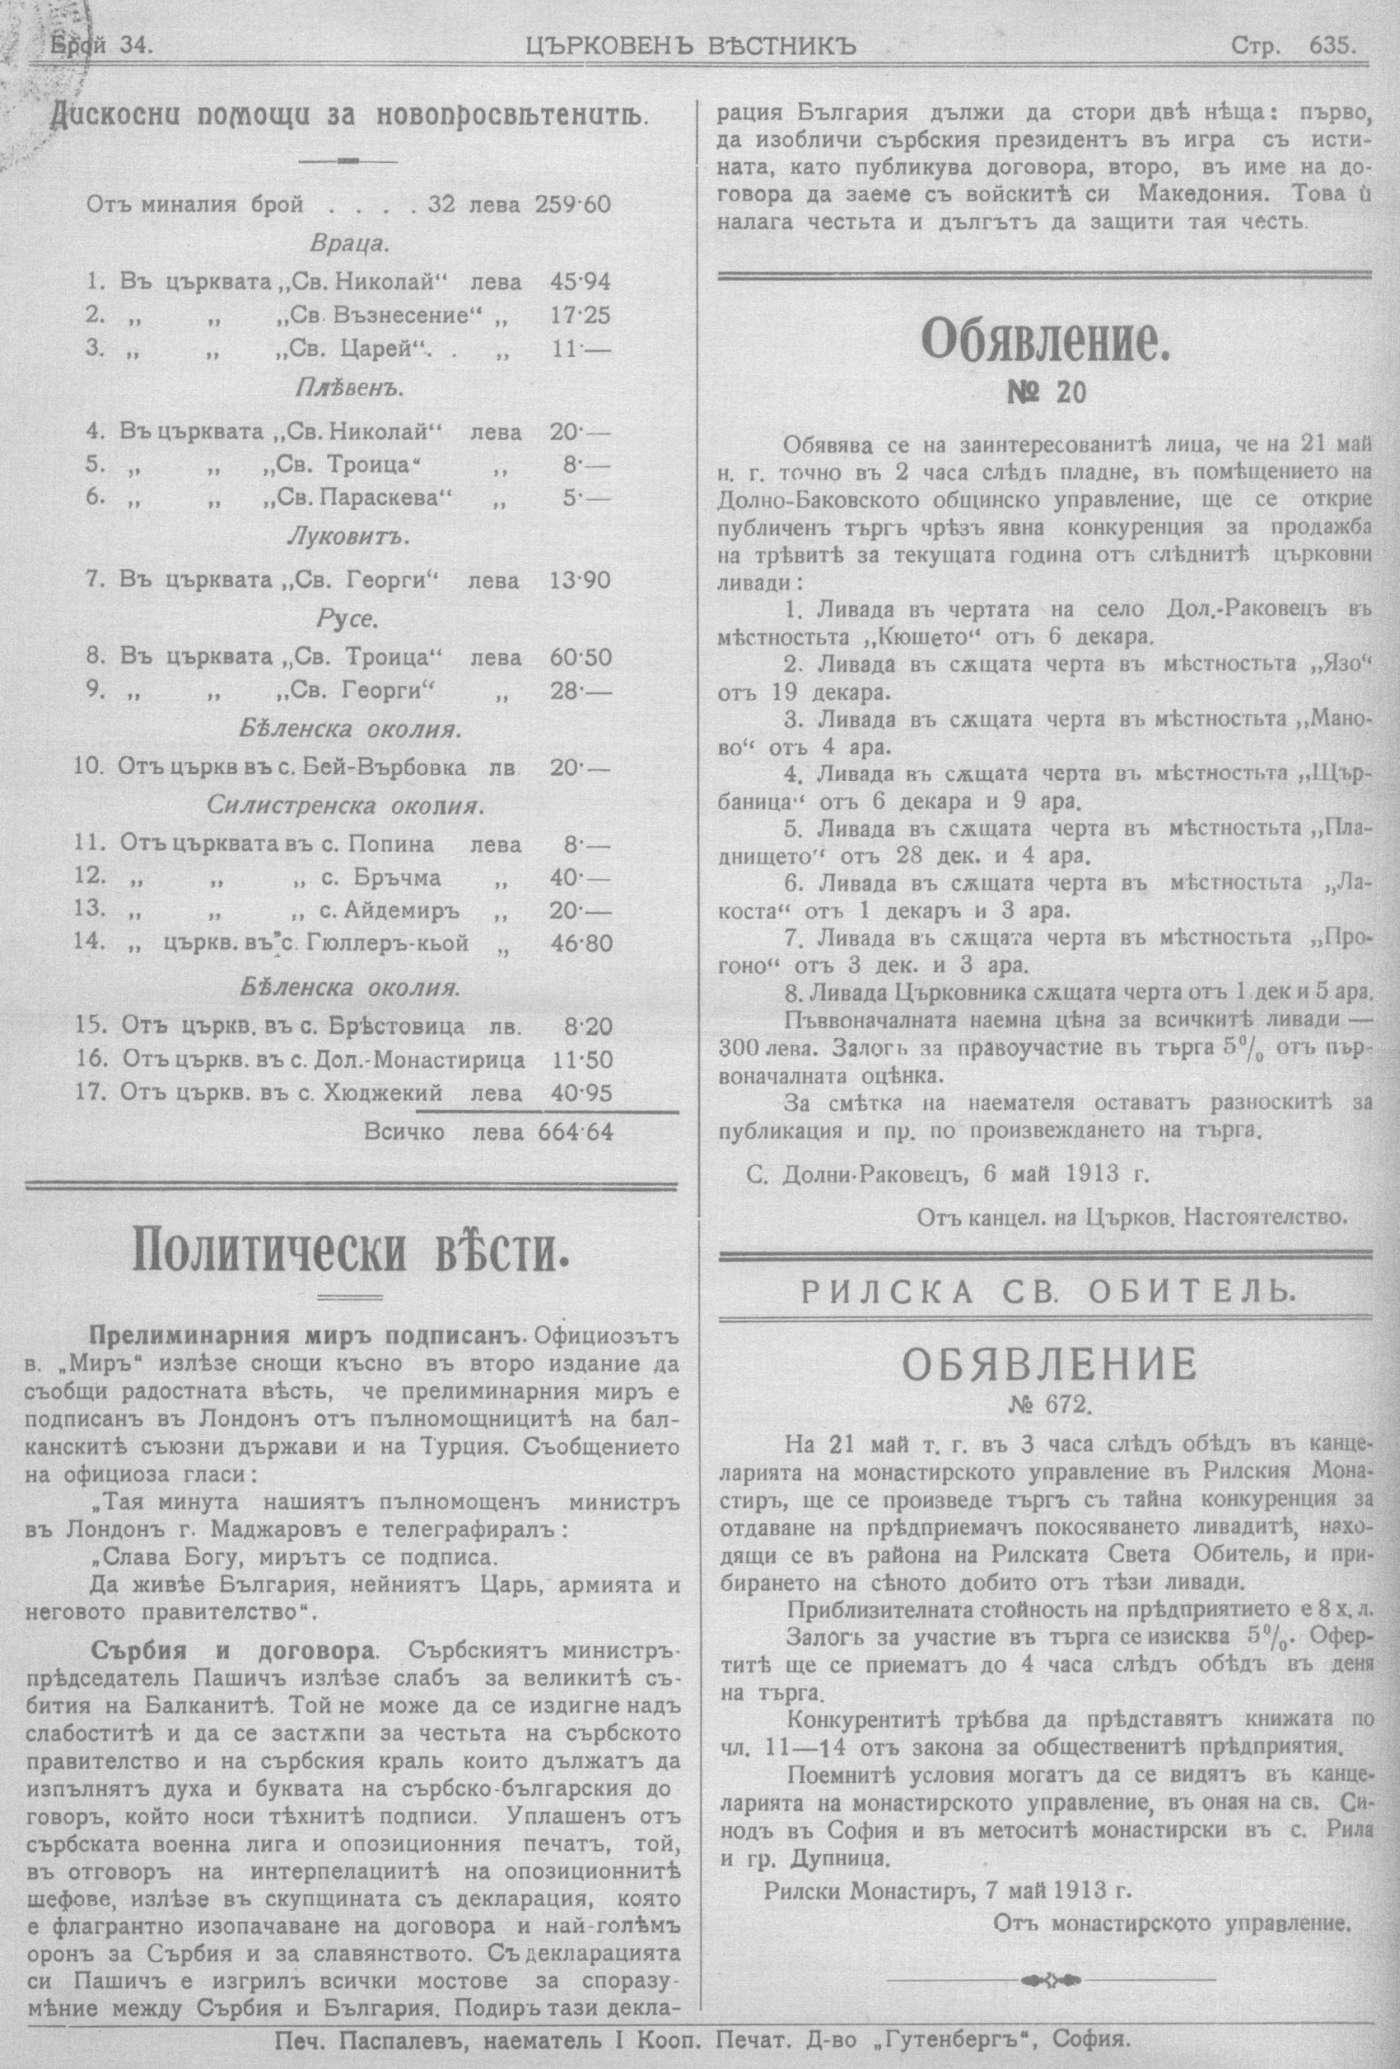 Cyrkoven vestnik (1913) (cv1913_635.jpg)